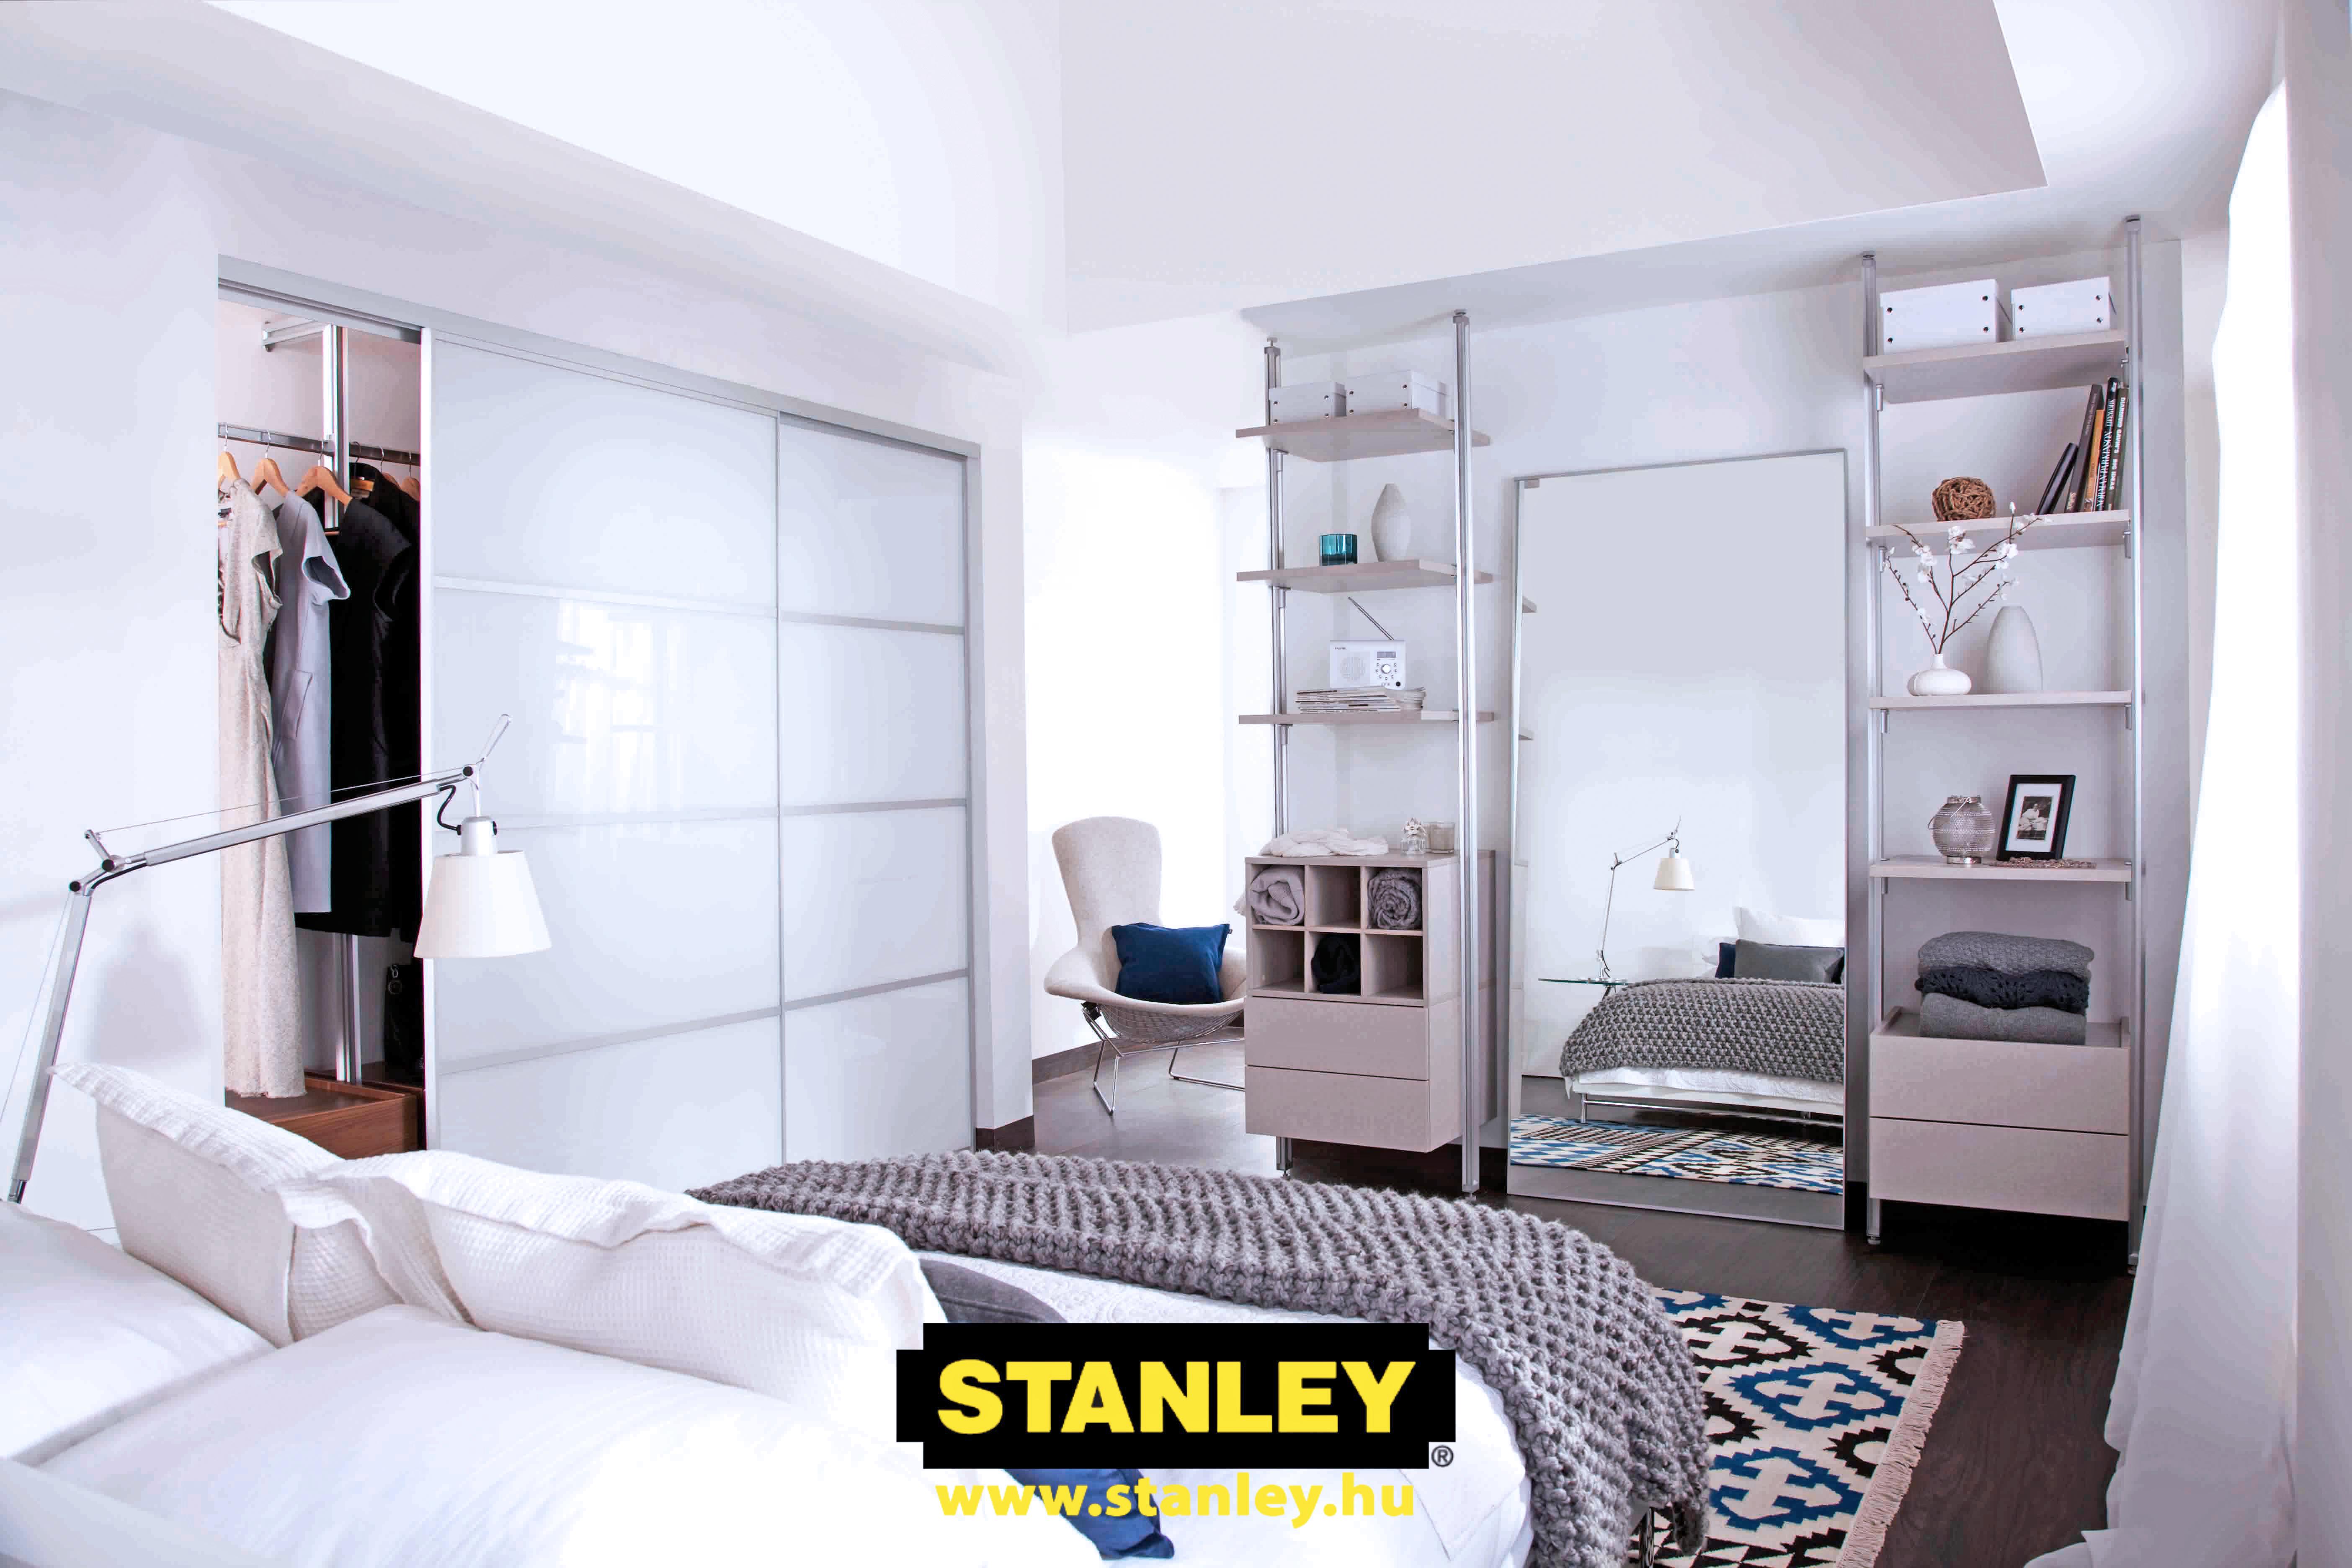 Tolóajtós szekrény, Tejüveg Stanley tolóajtó